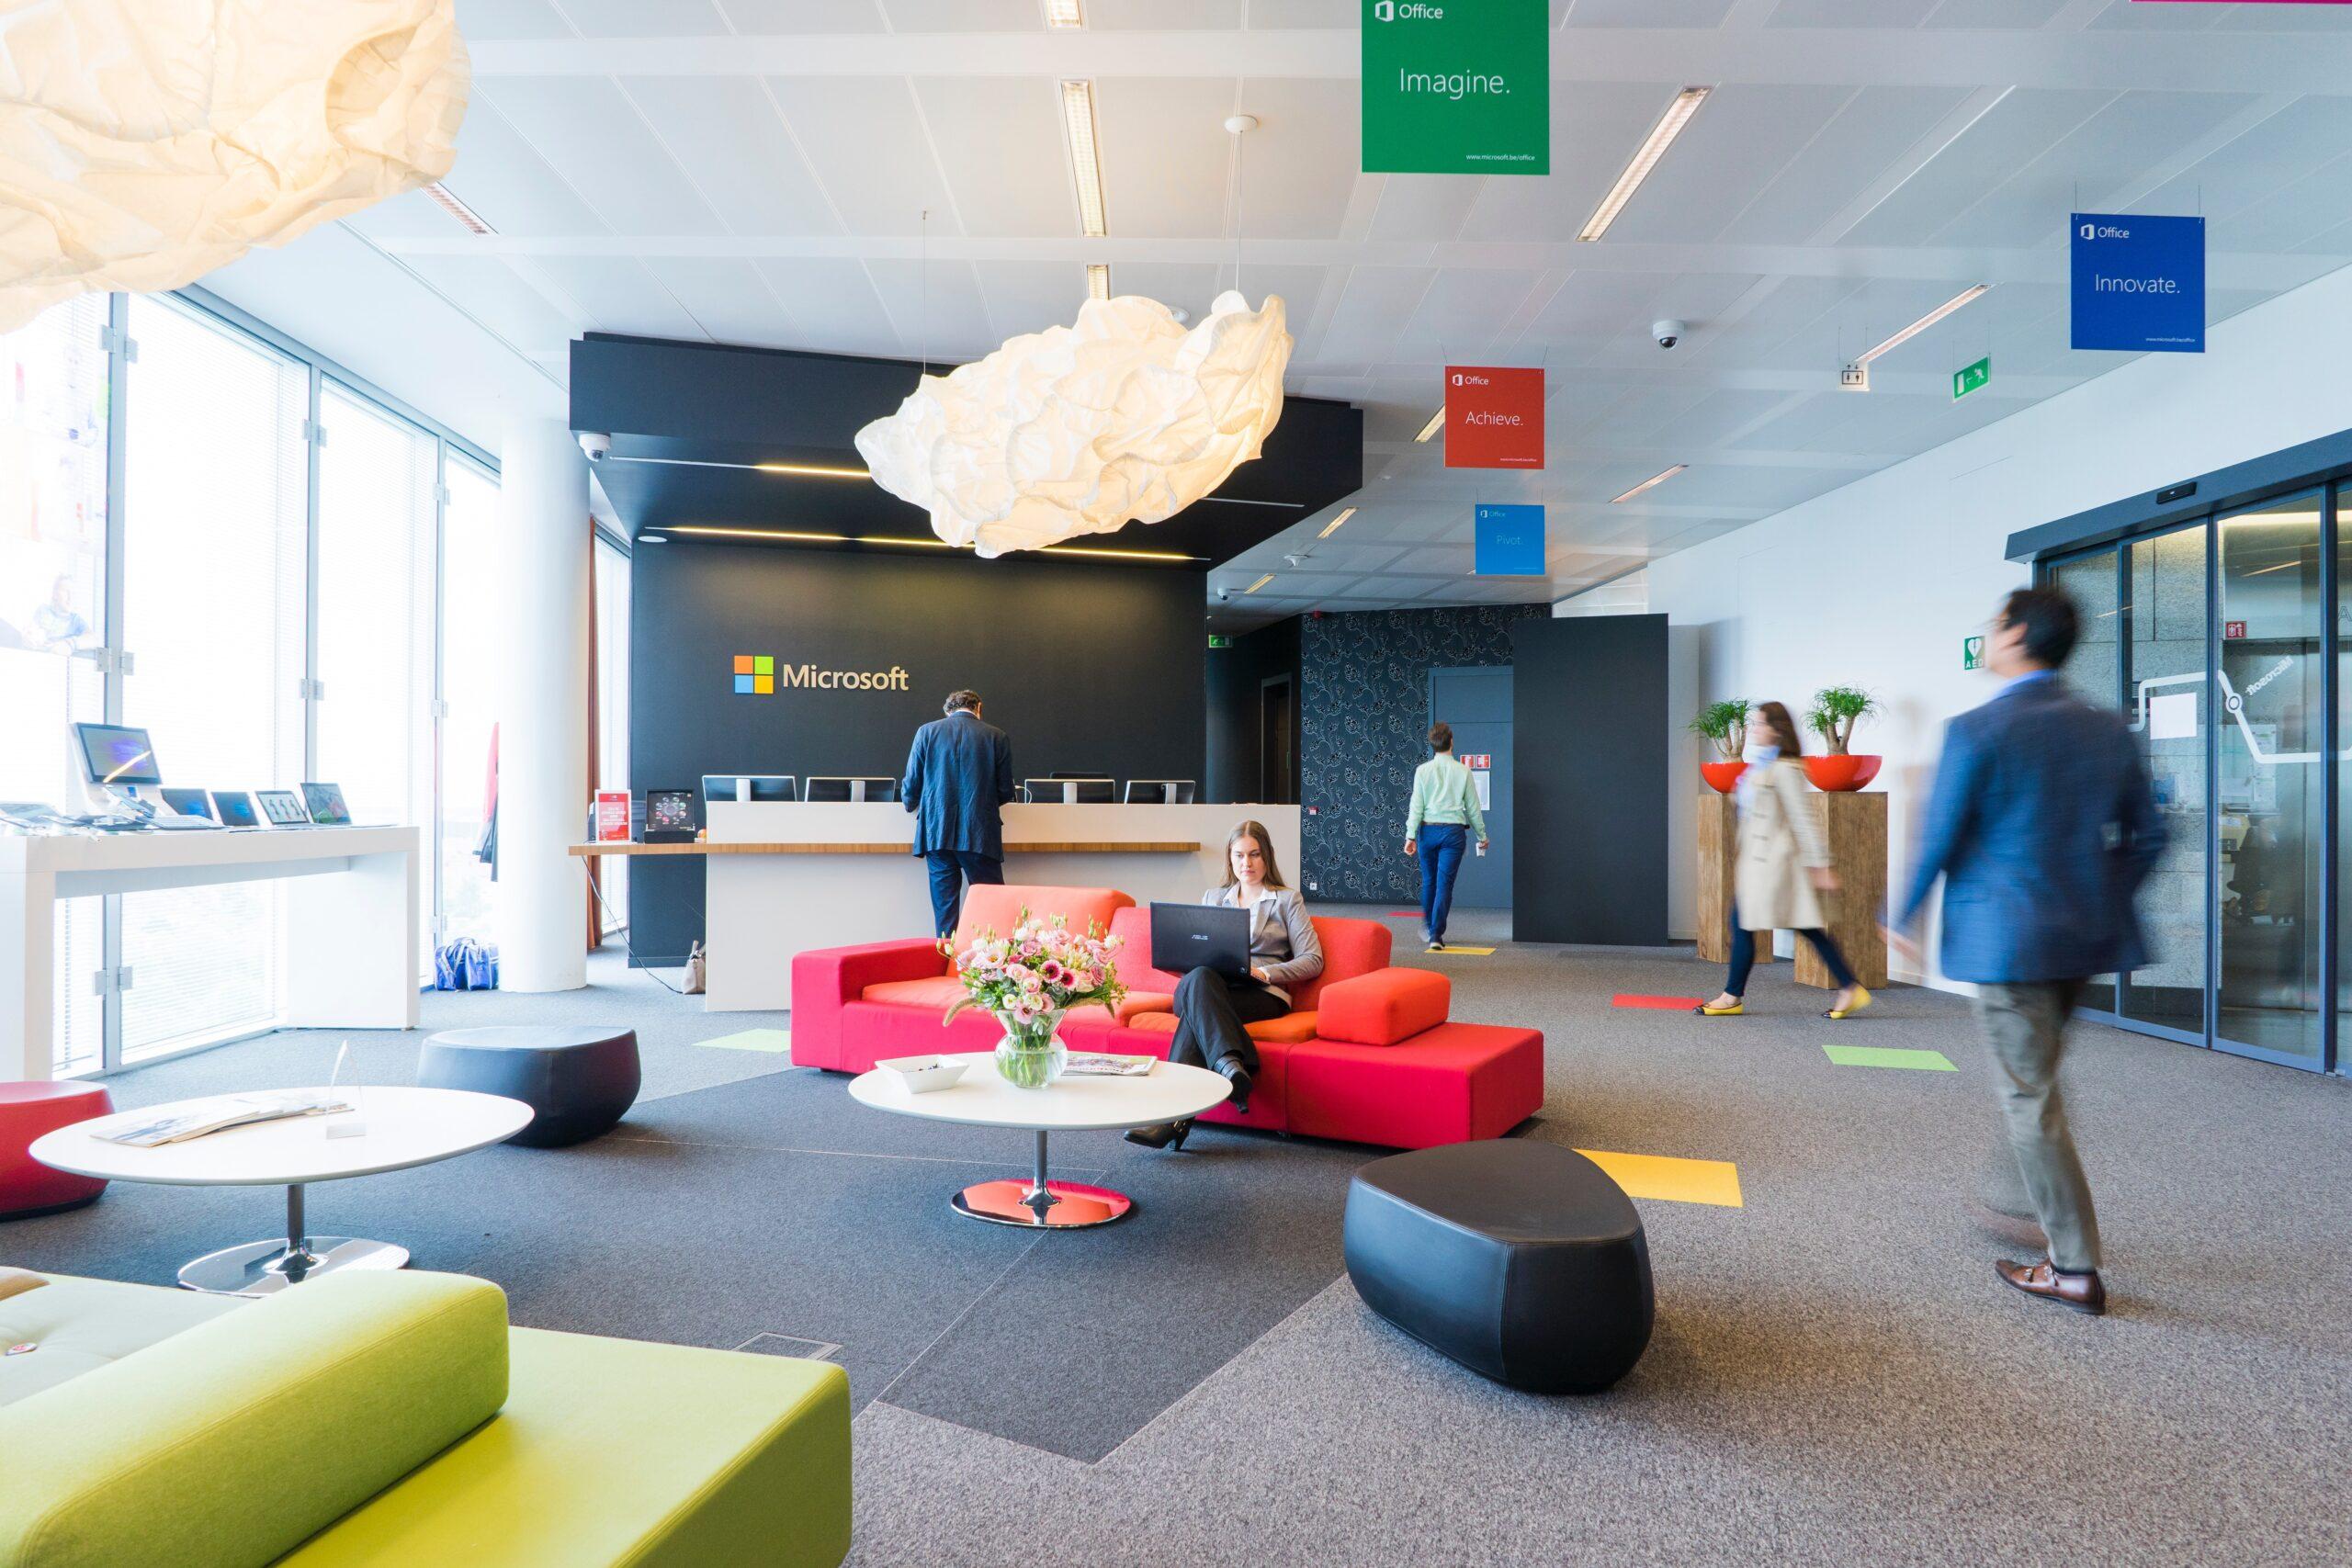 まとめ:オフィスでのストレスの原因を省いて快適な職場環境を提供しよう